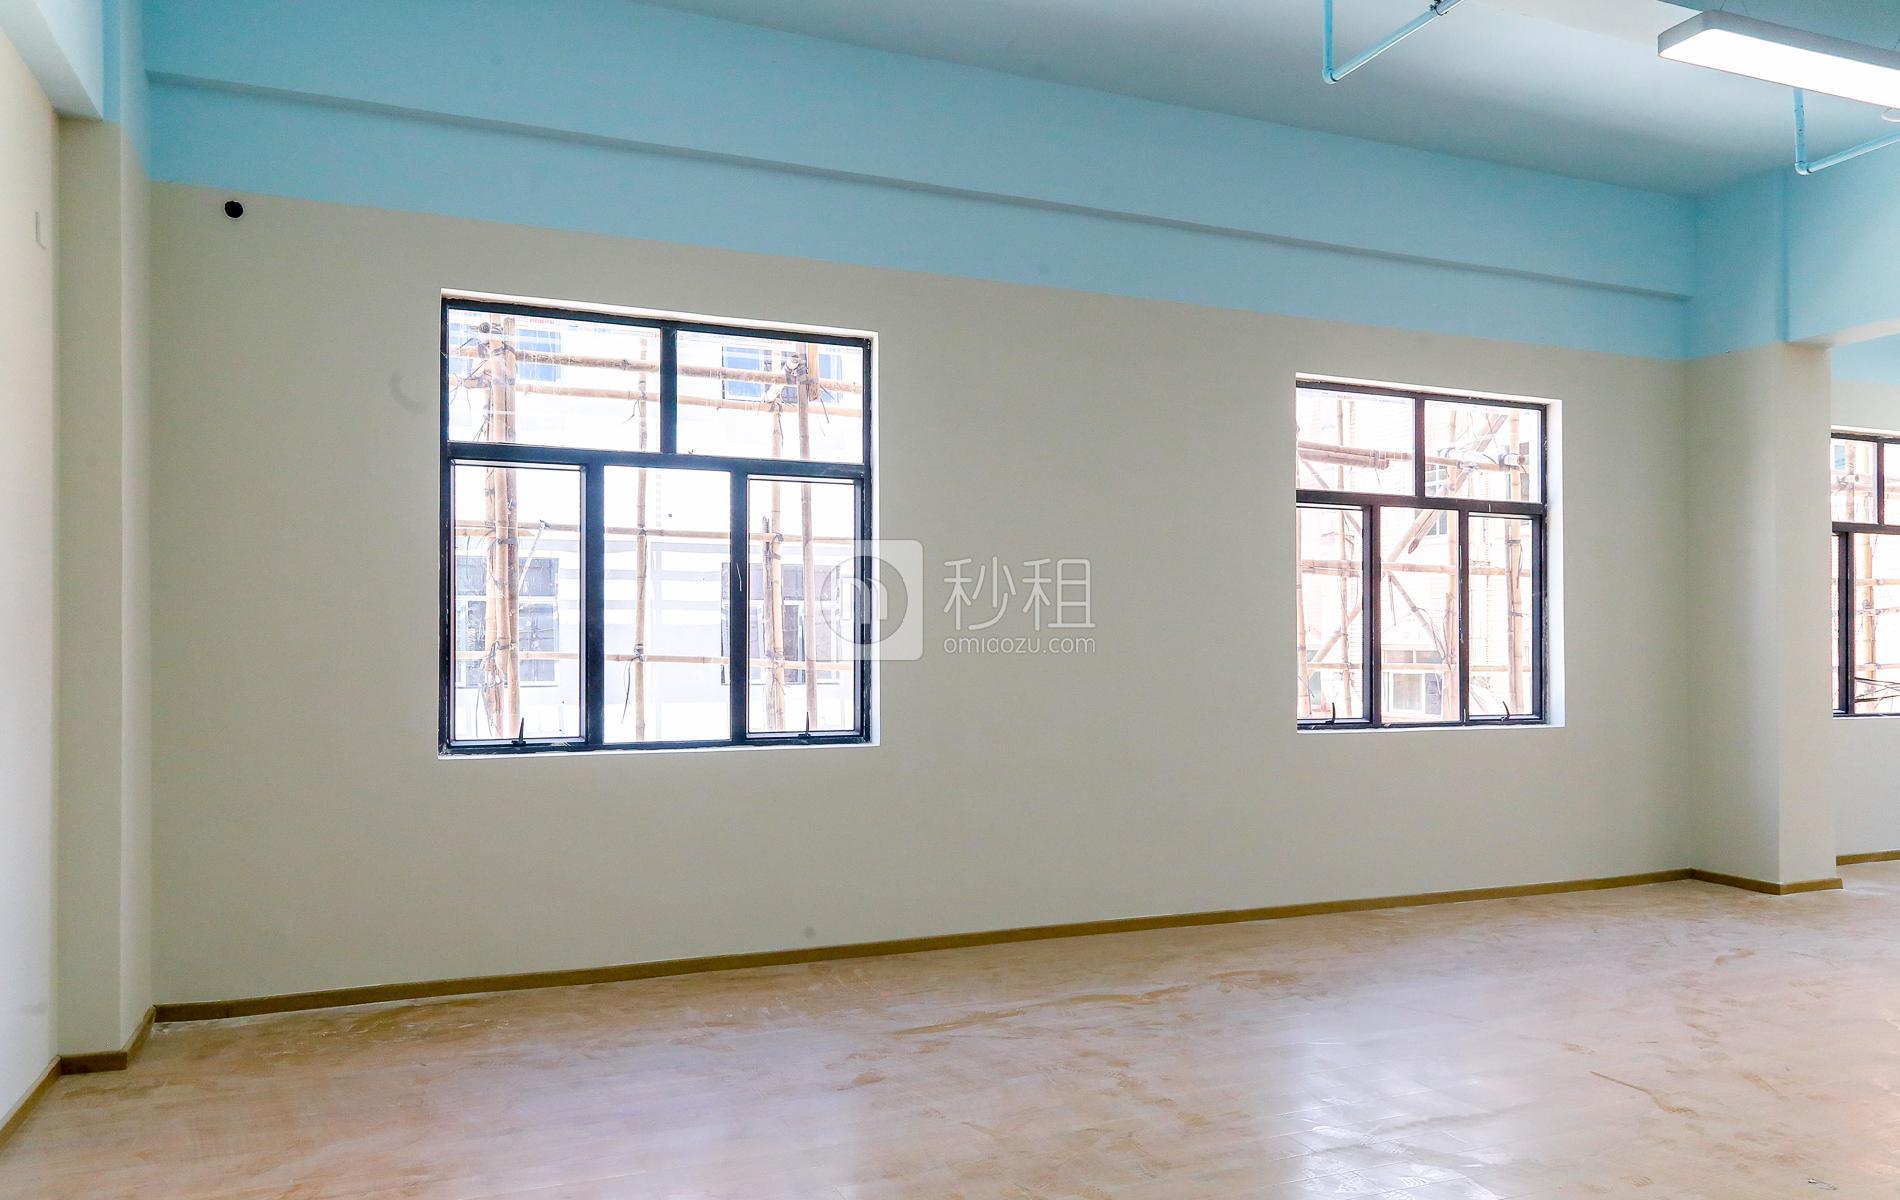 潮loft创意产业园写字楼出租213平米简装办公室35元/m².月